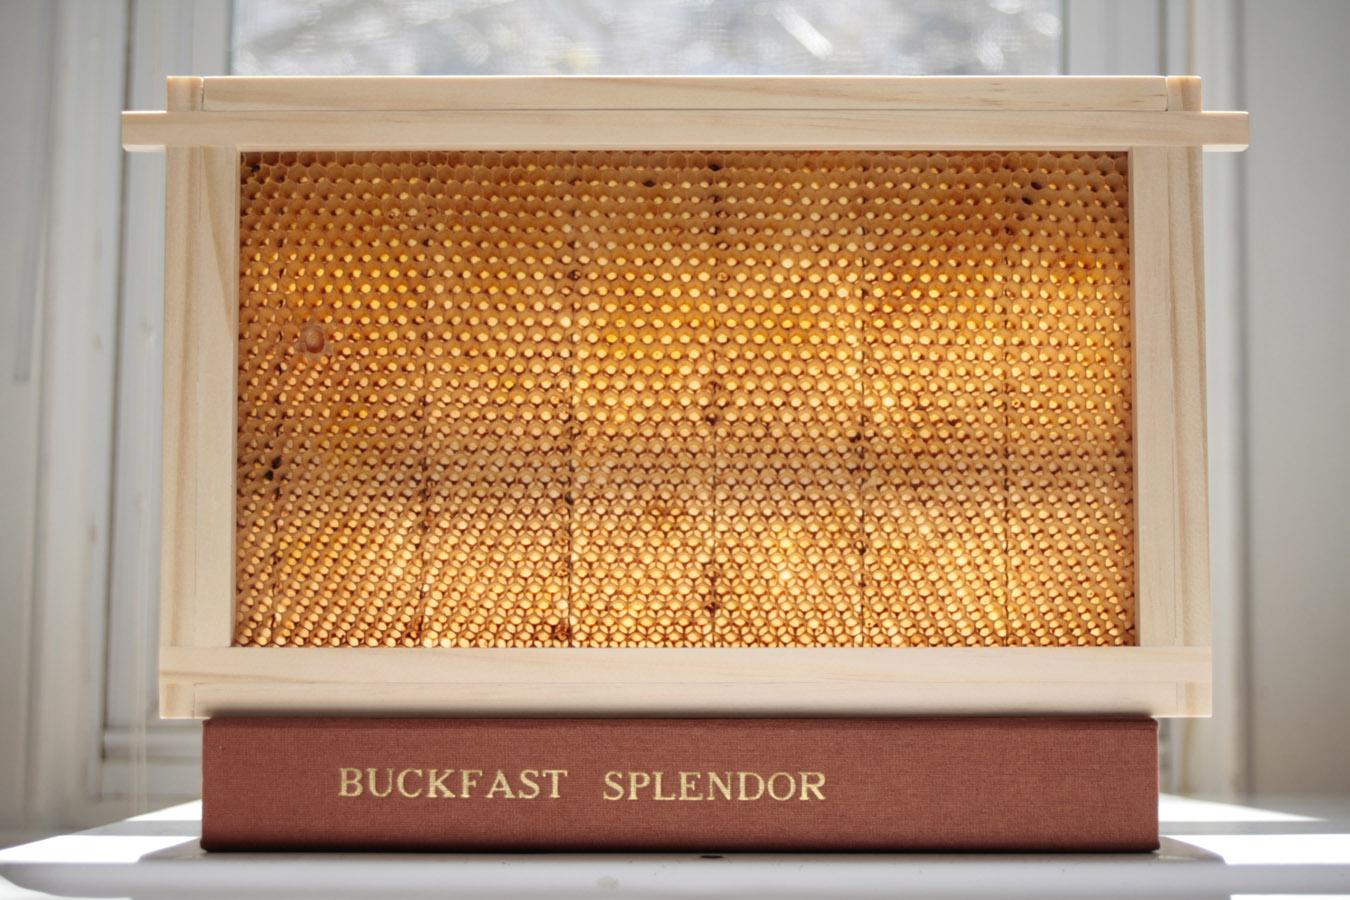 Buckfast_Splendor_BOX_10090.jpg